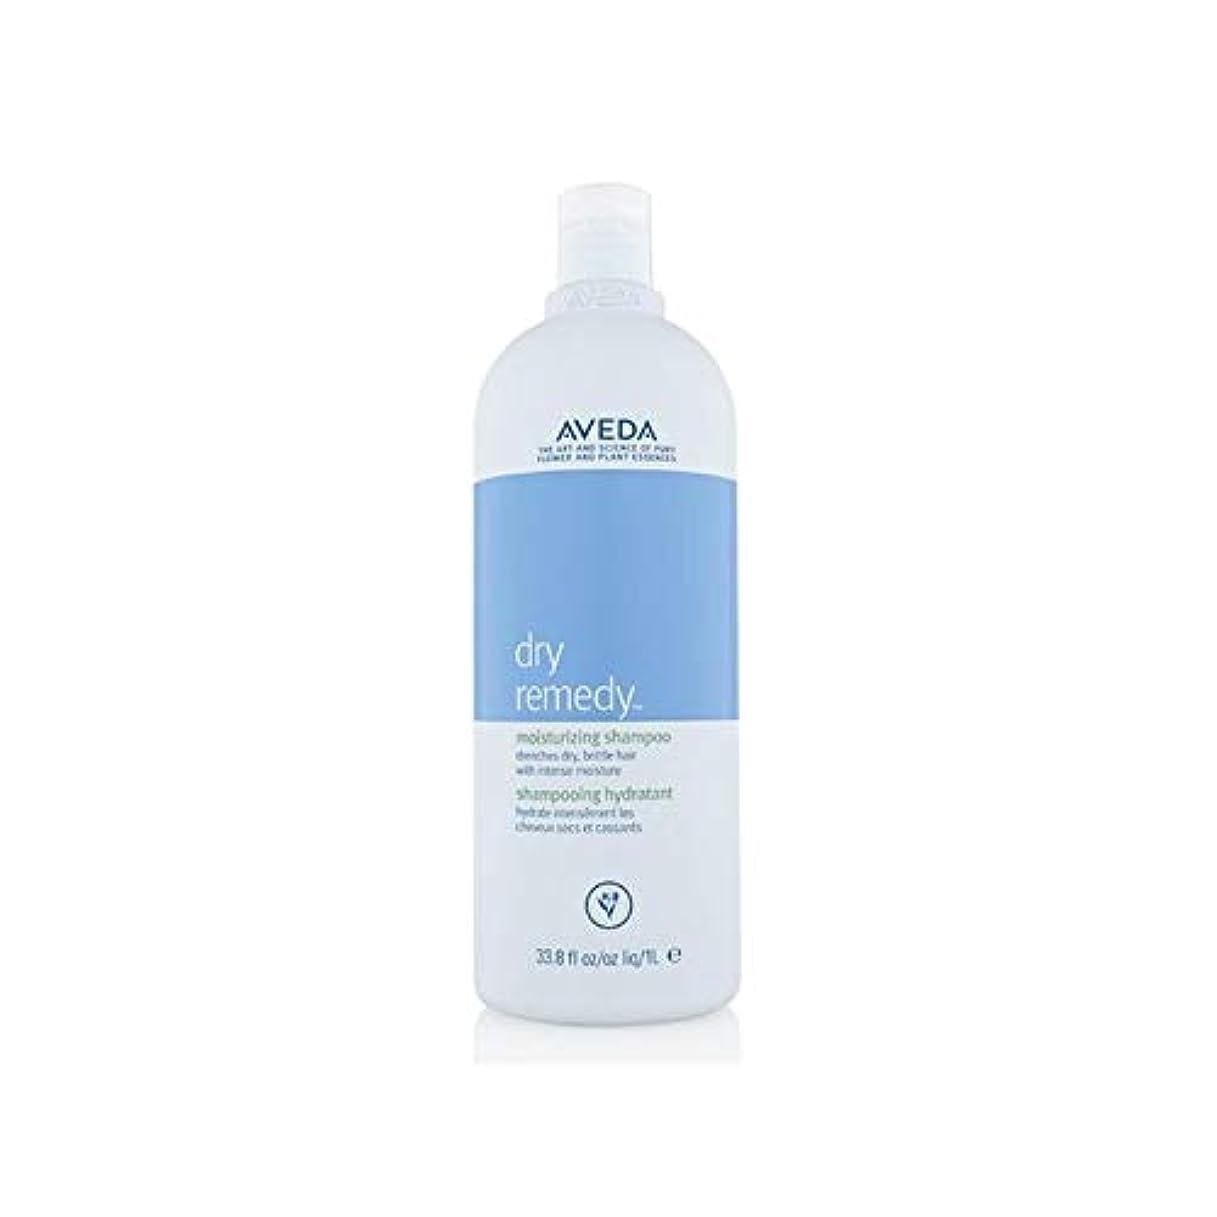 機転組立近く[AVEDA ] アヴェダドライ救済シャンプー(千ミリリットル) - Aveda Dry Remedy Shampoo (1000ml) [並行輸入品]